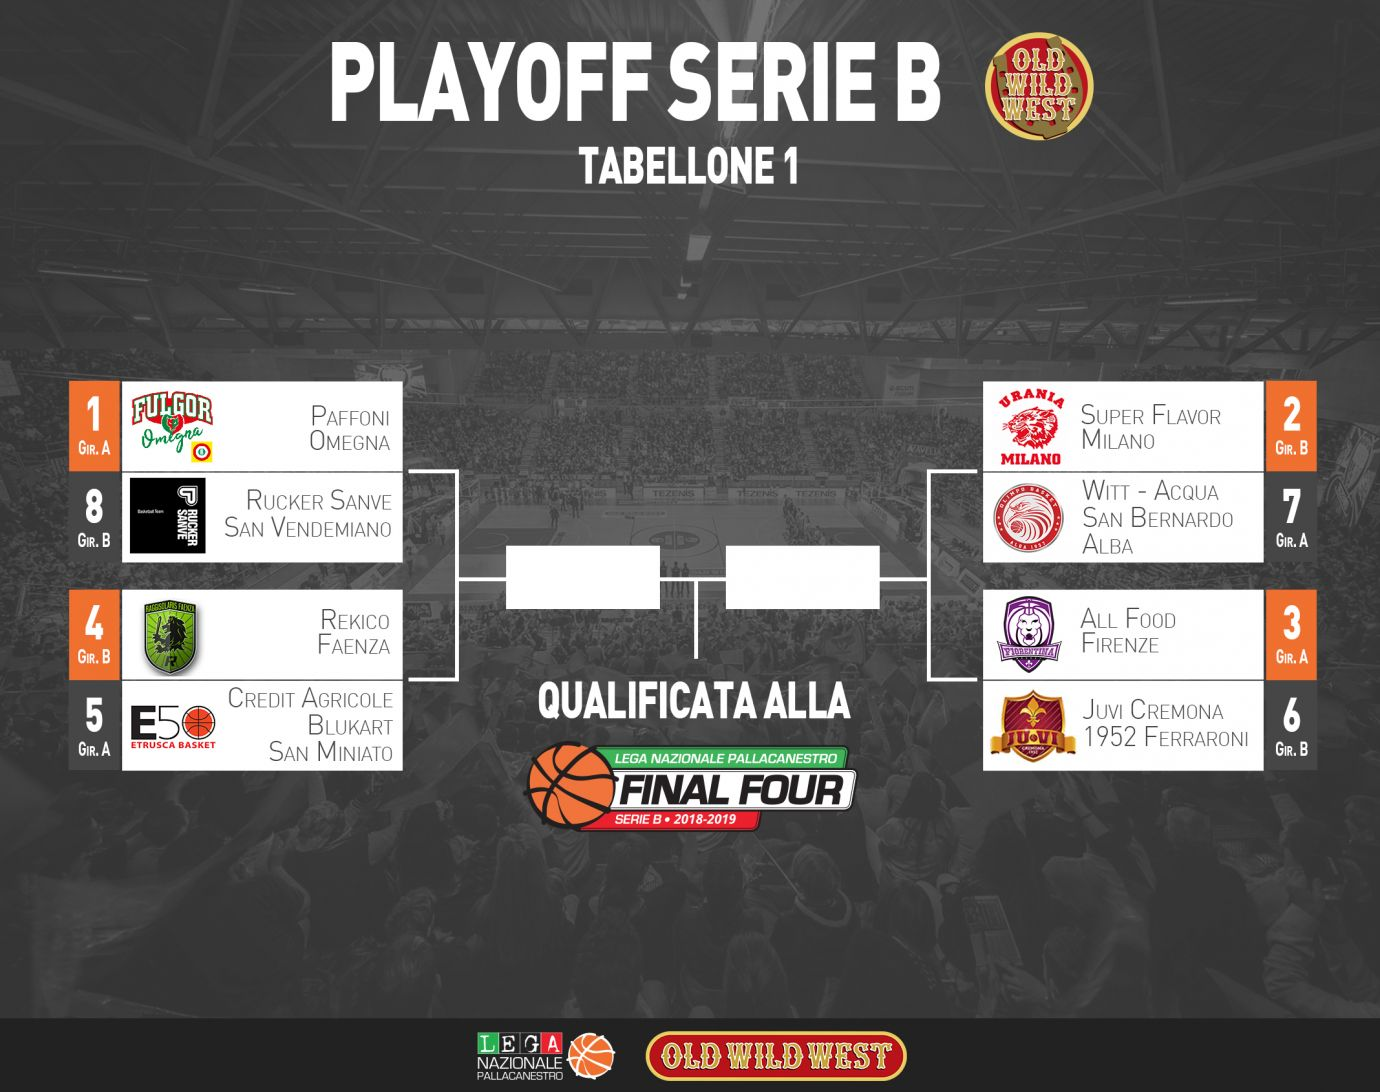 Calendario Play Off Serie B.Playoff Serie B Tabellone 1 Lega Nazionale Pallacanestro